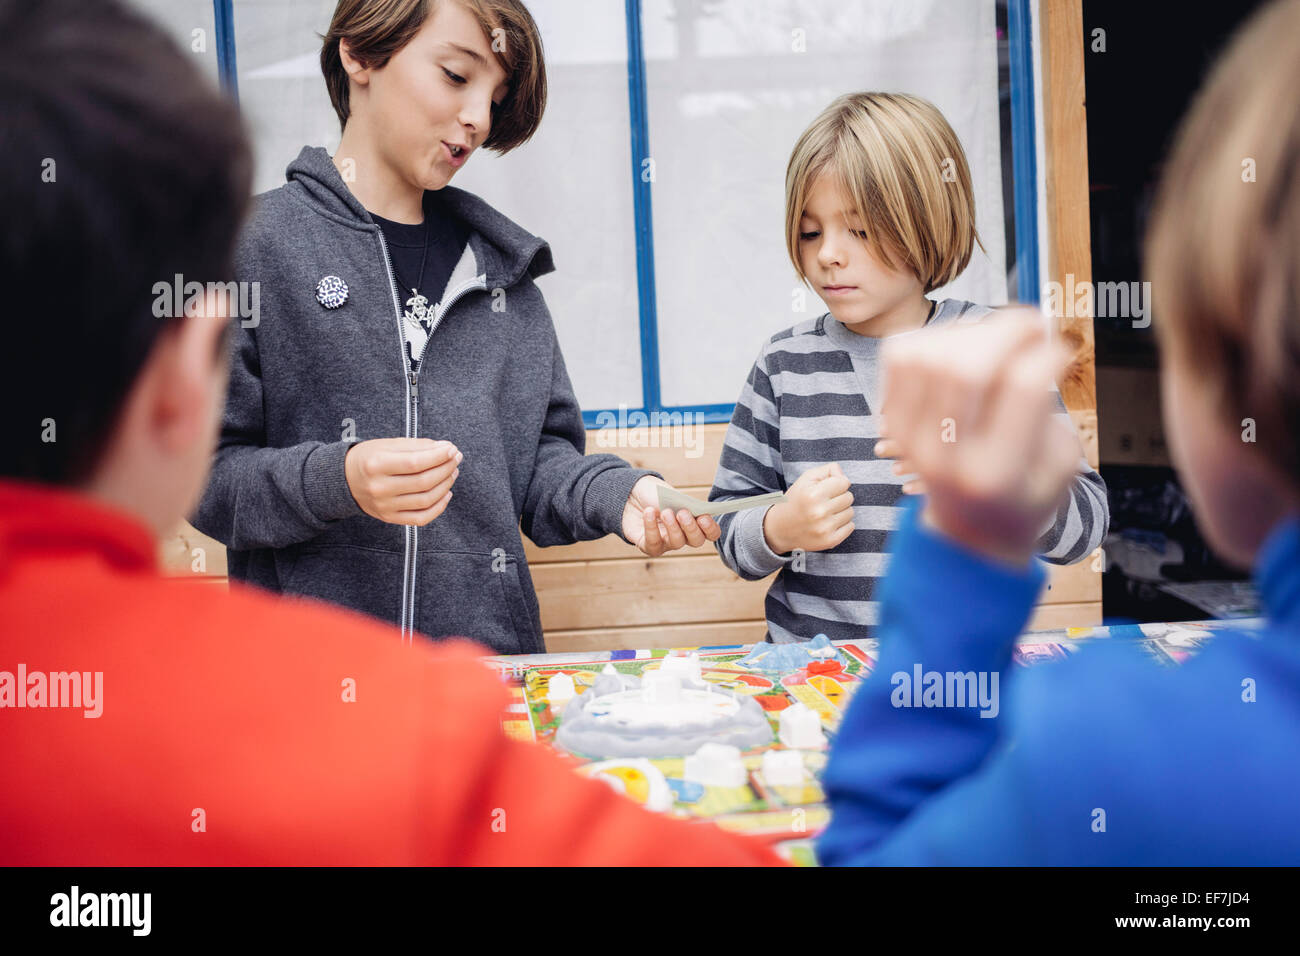 Los niños juegan con juguetes Imagen De Stock